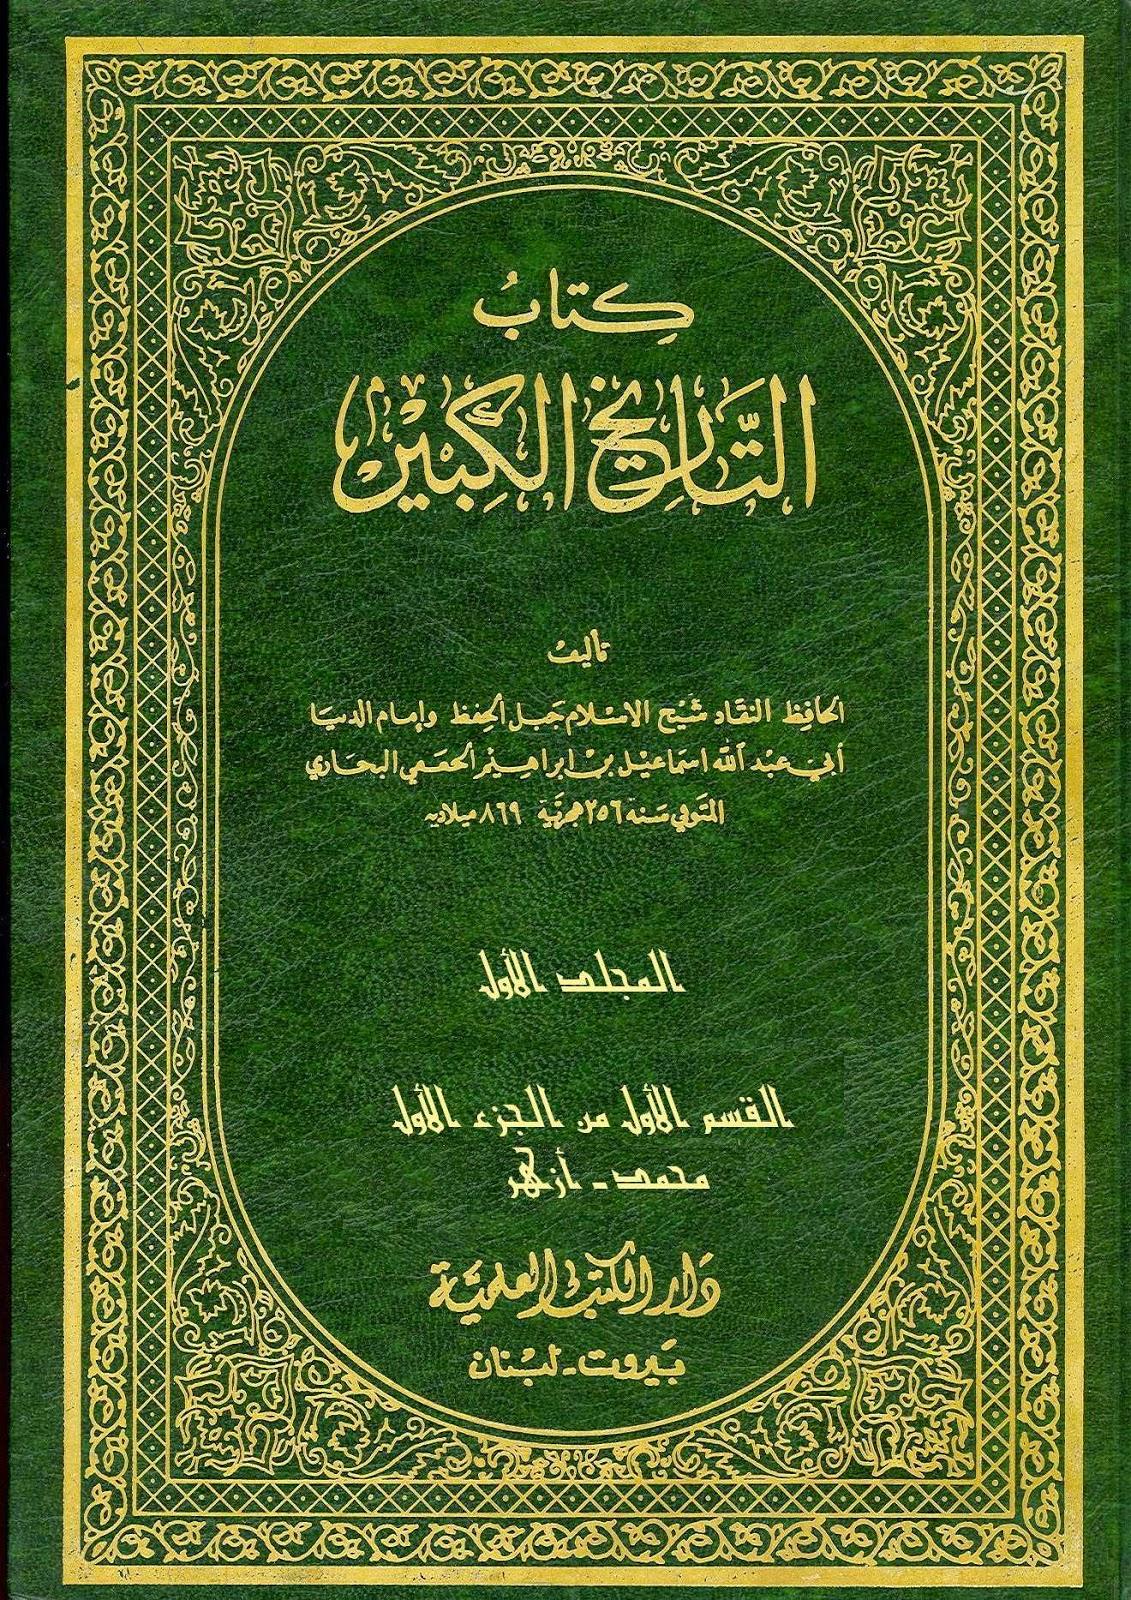 التاريخ الكبير لـ الإمام البخاري